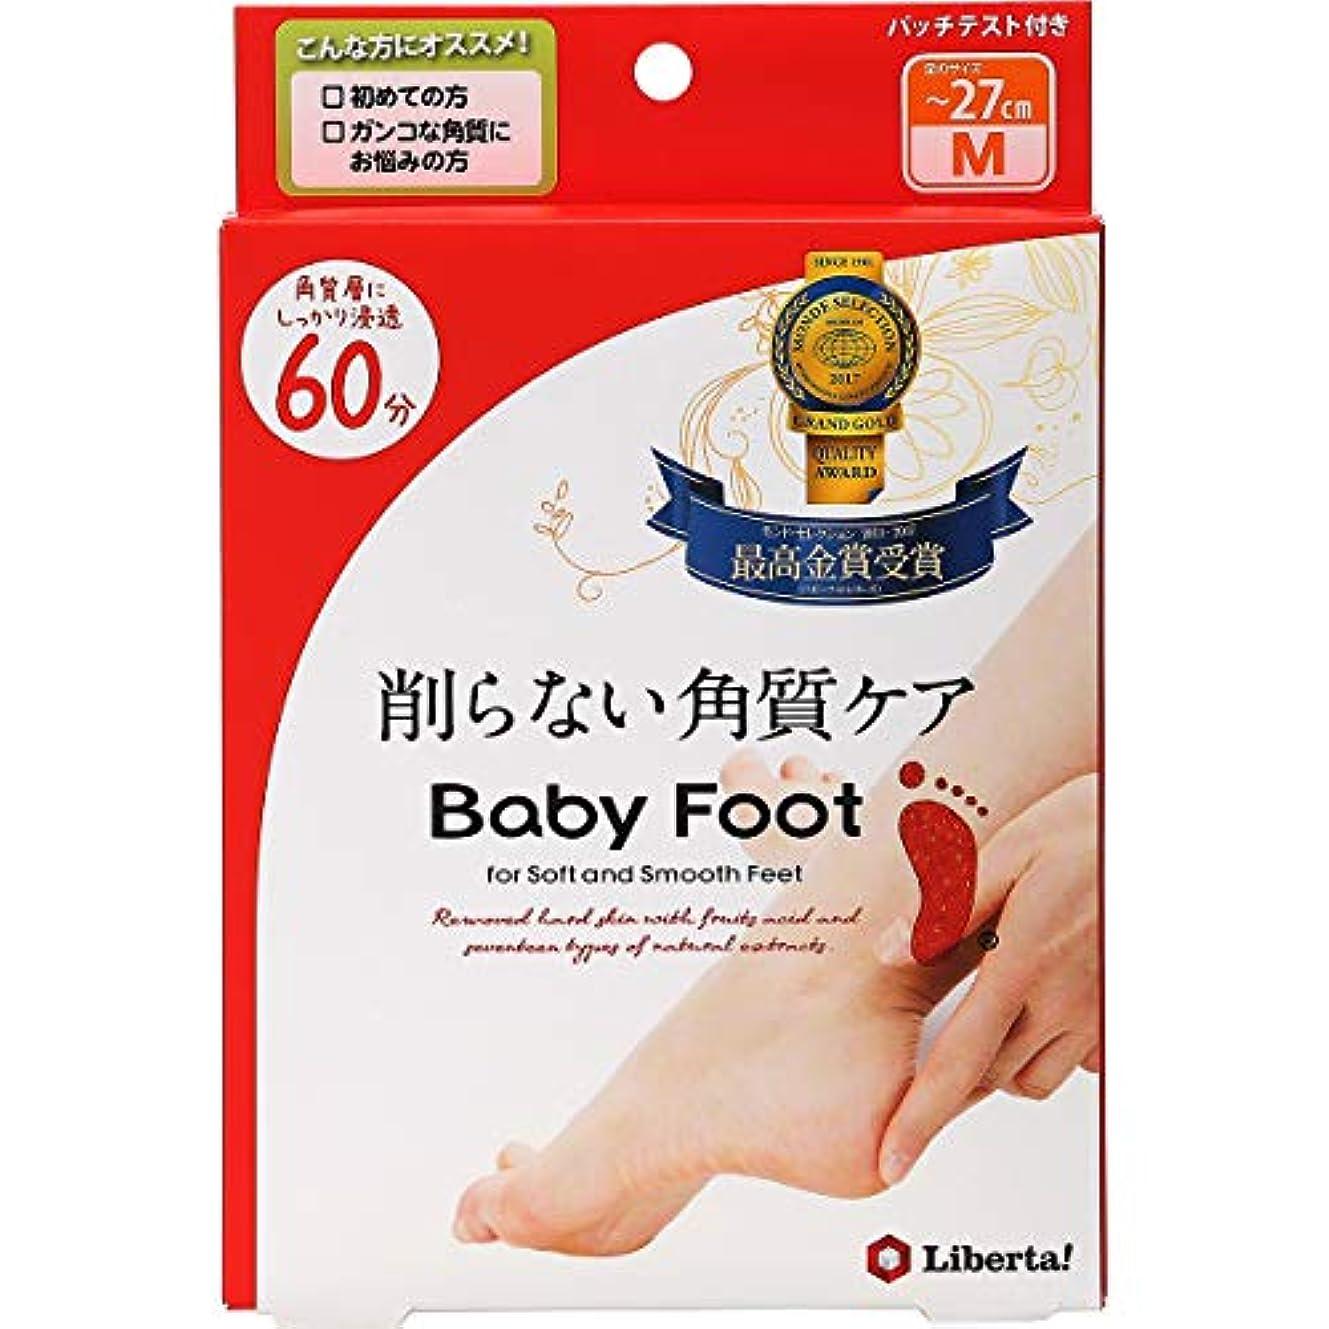 オークくしゃみ剣ベビーフット (Baby Foot) ベビーフット イージーパック SPT60分タイプ Mサイズ 単品